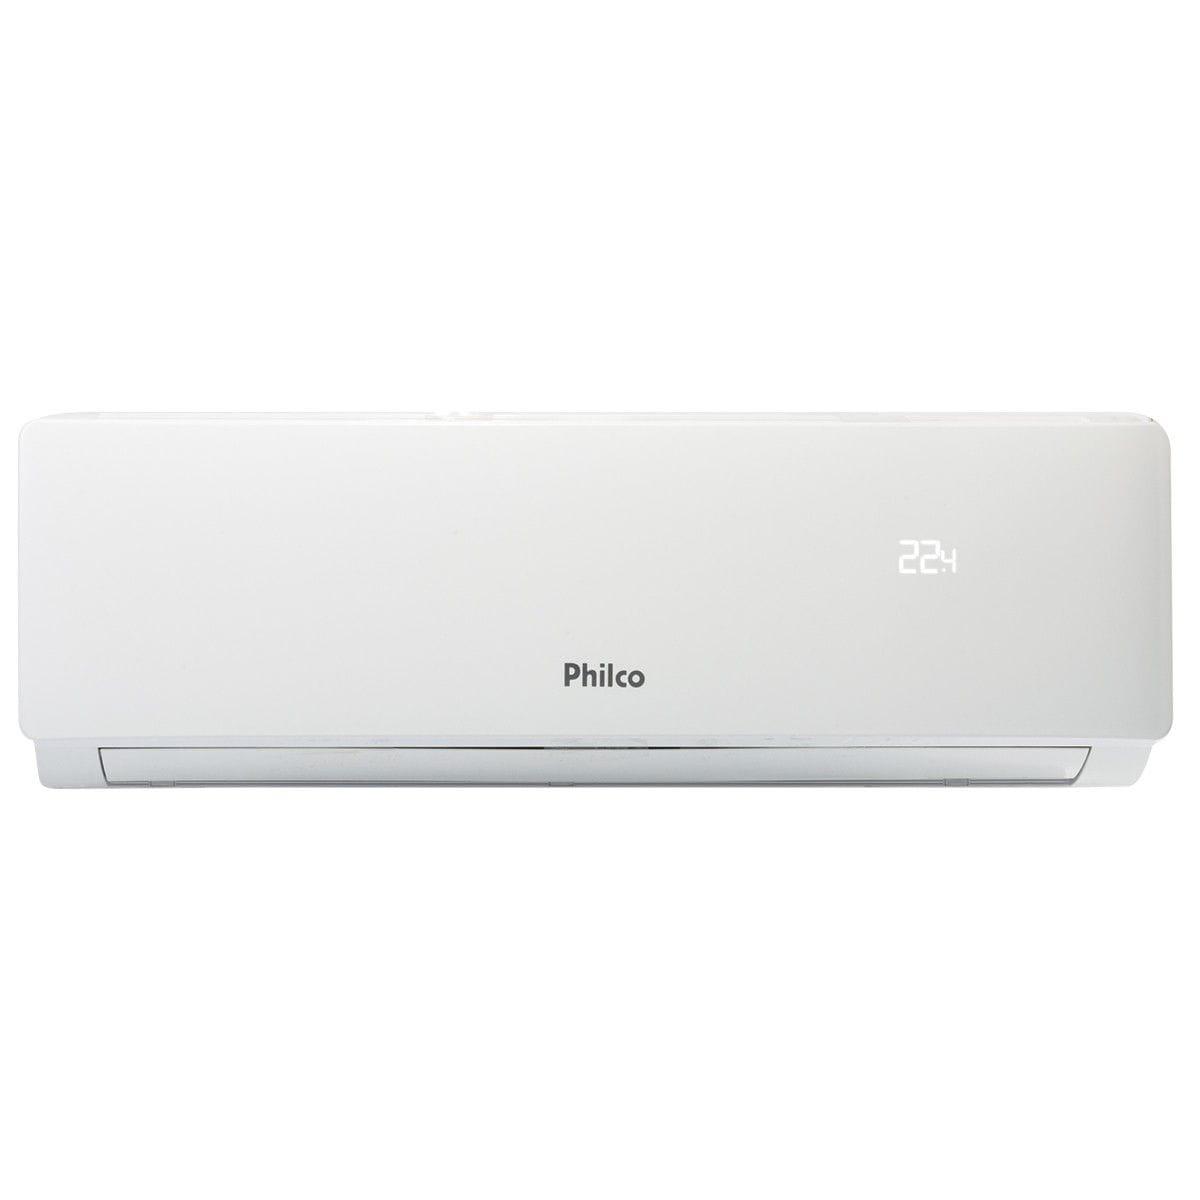 Ar Condicionado Philco 12000Btus PAC12000IQFM4 Inverter Quente Frio - 220V